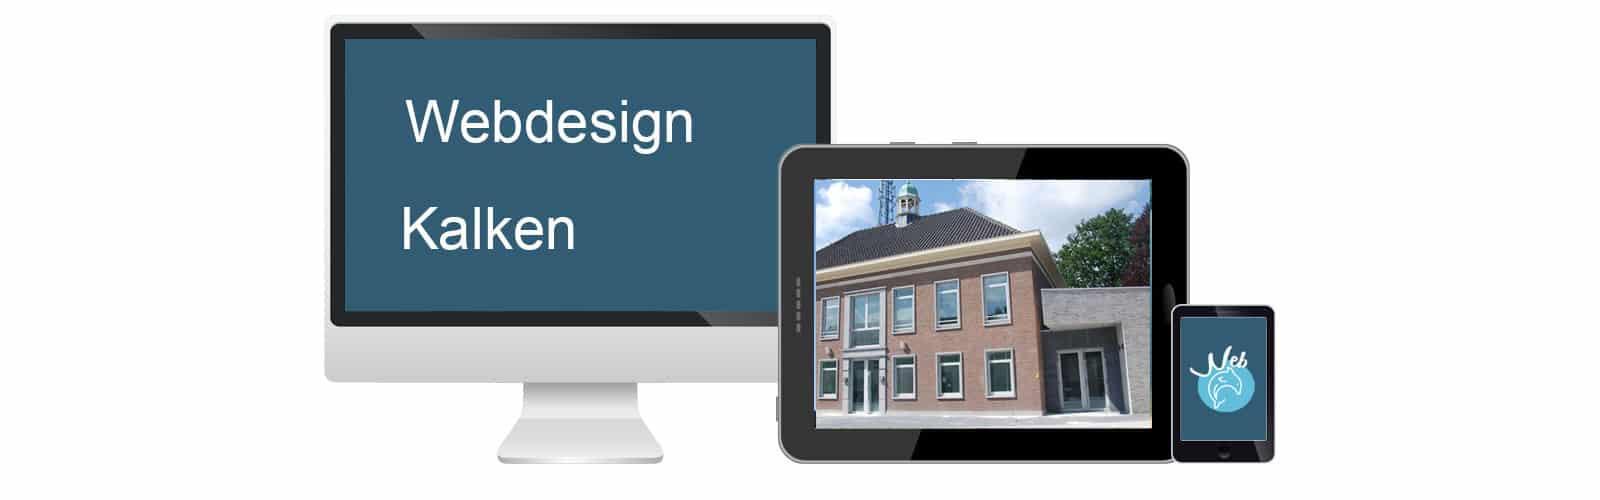 Webdesign Kalken - webdolfijn